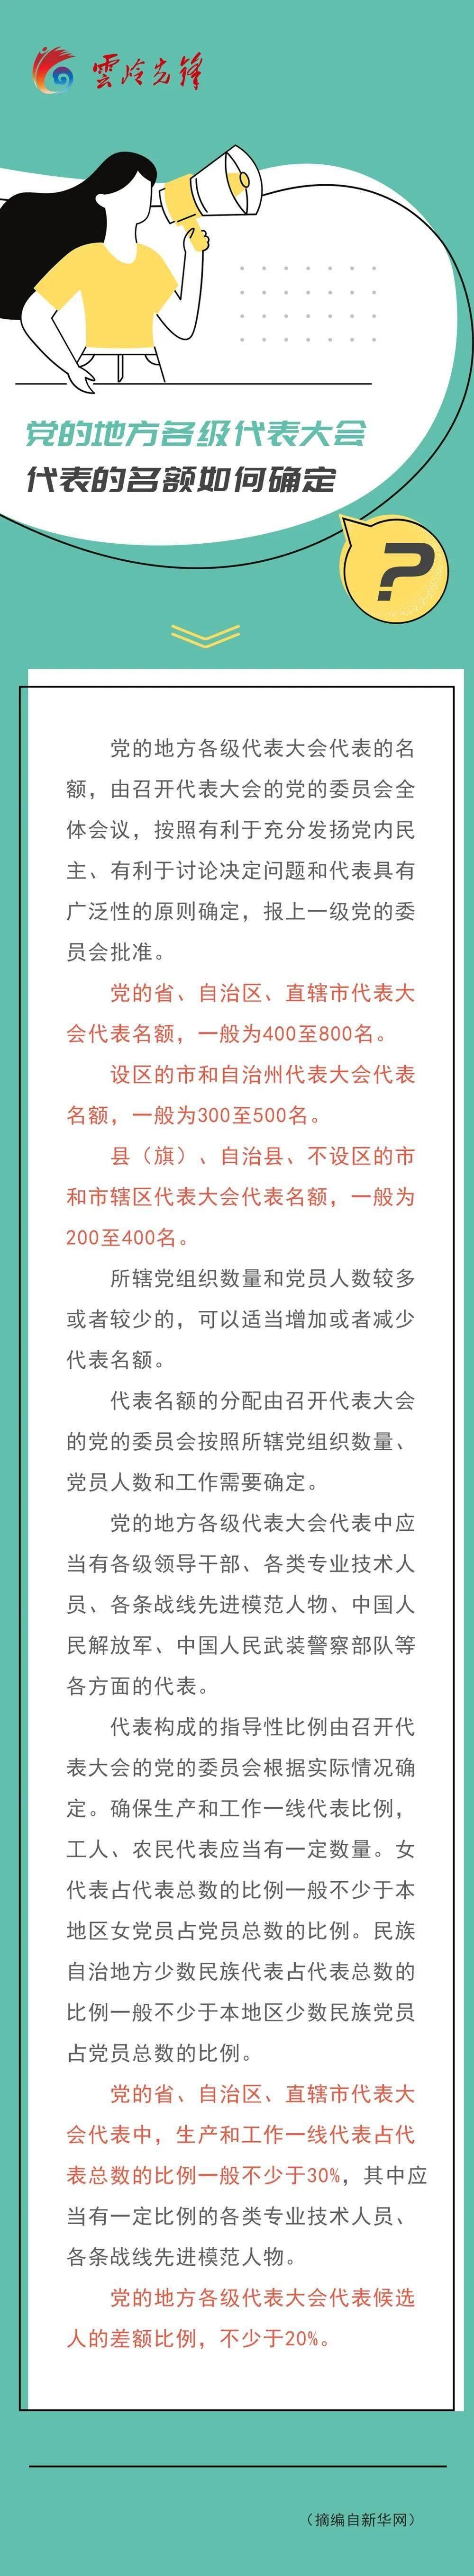 【党工共建】党的地方各级代表大会代表的名额如何确定?